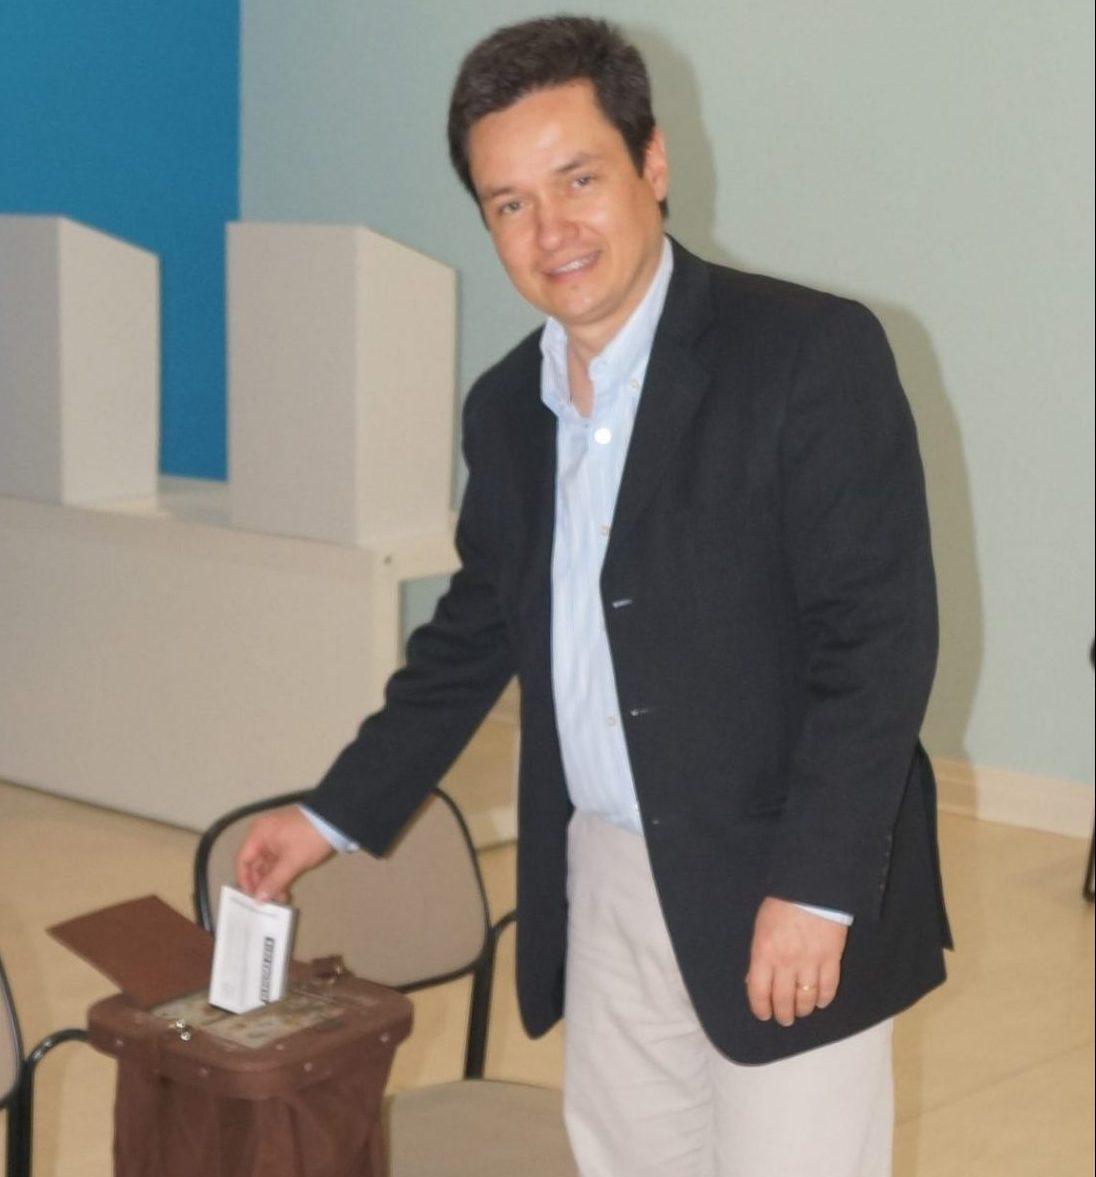 Wilson Wanderlei Vieira Jr